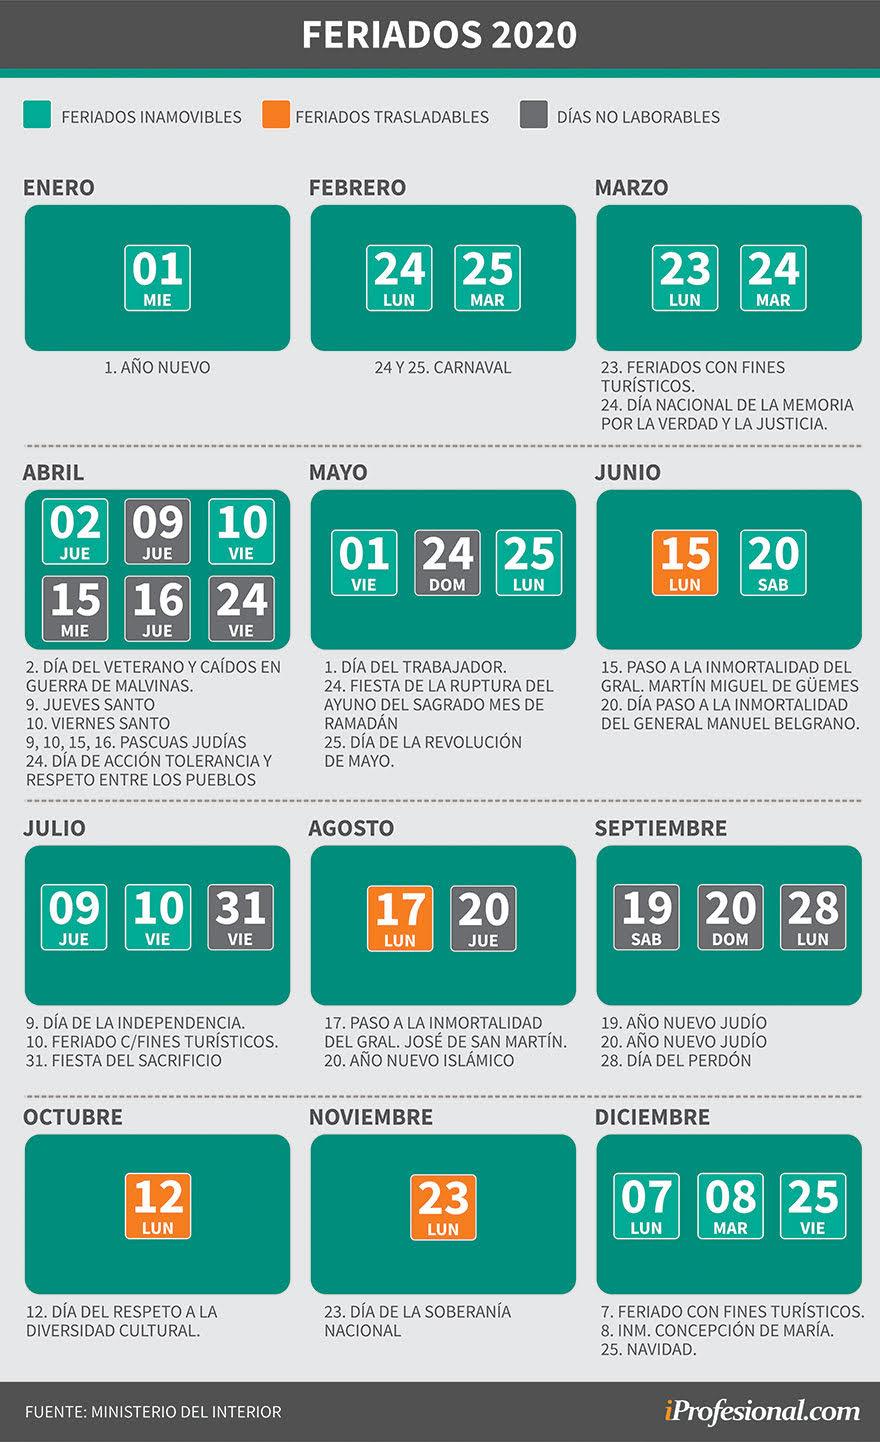 Este es el calendario 2020 oficial de feriados del Ministerio del Interior de la Nación